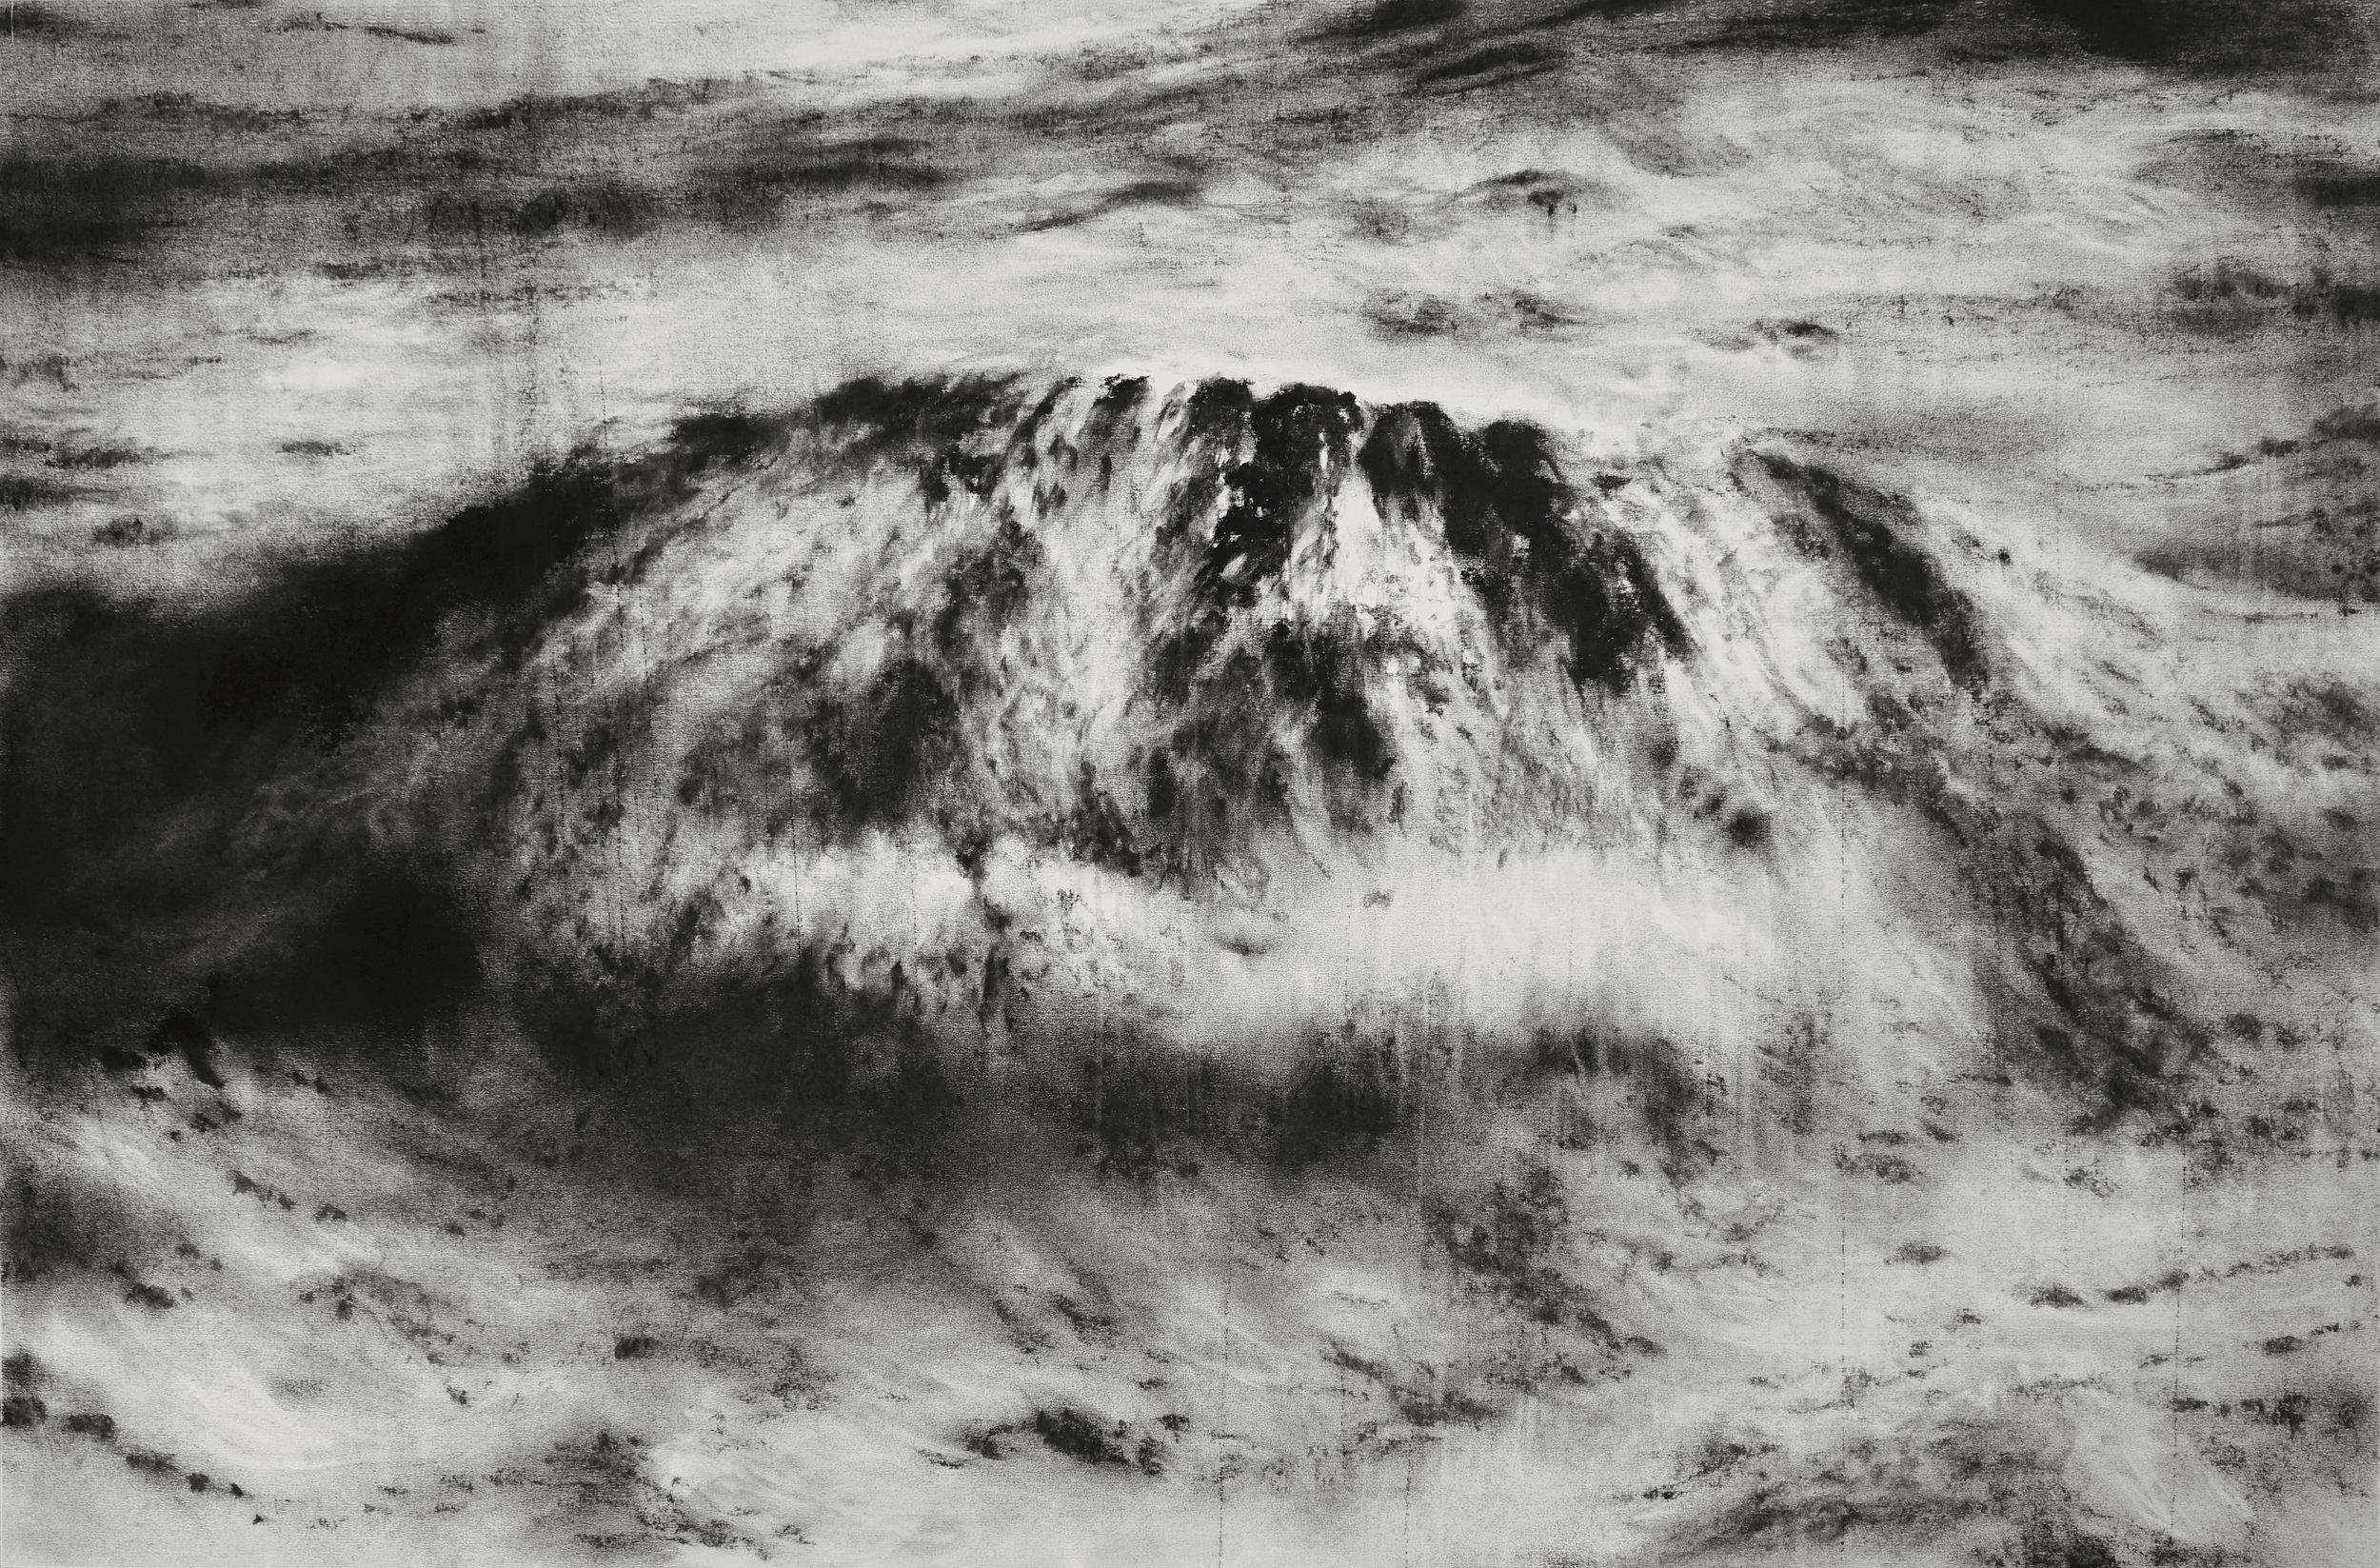 """Guy Oberson, """"Dashed Hopes II"""", pierre noire sur papier, 60 x 90 cm, 2016"""